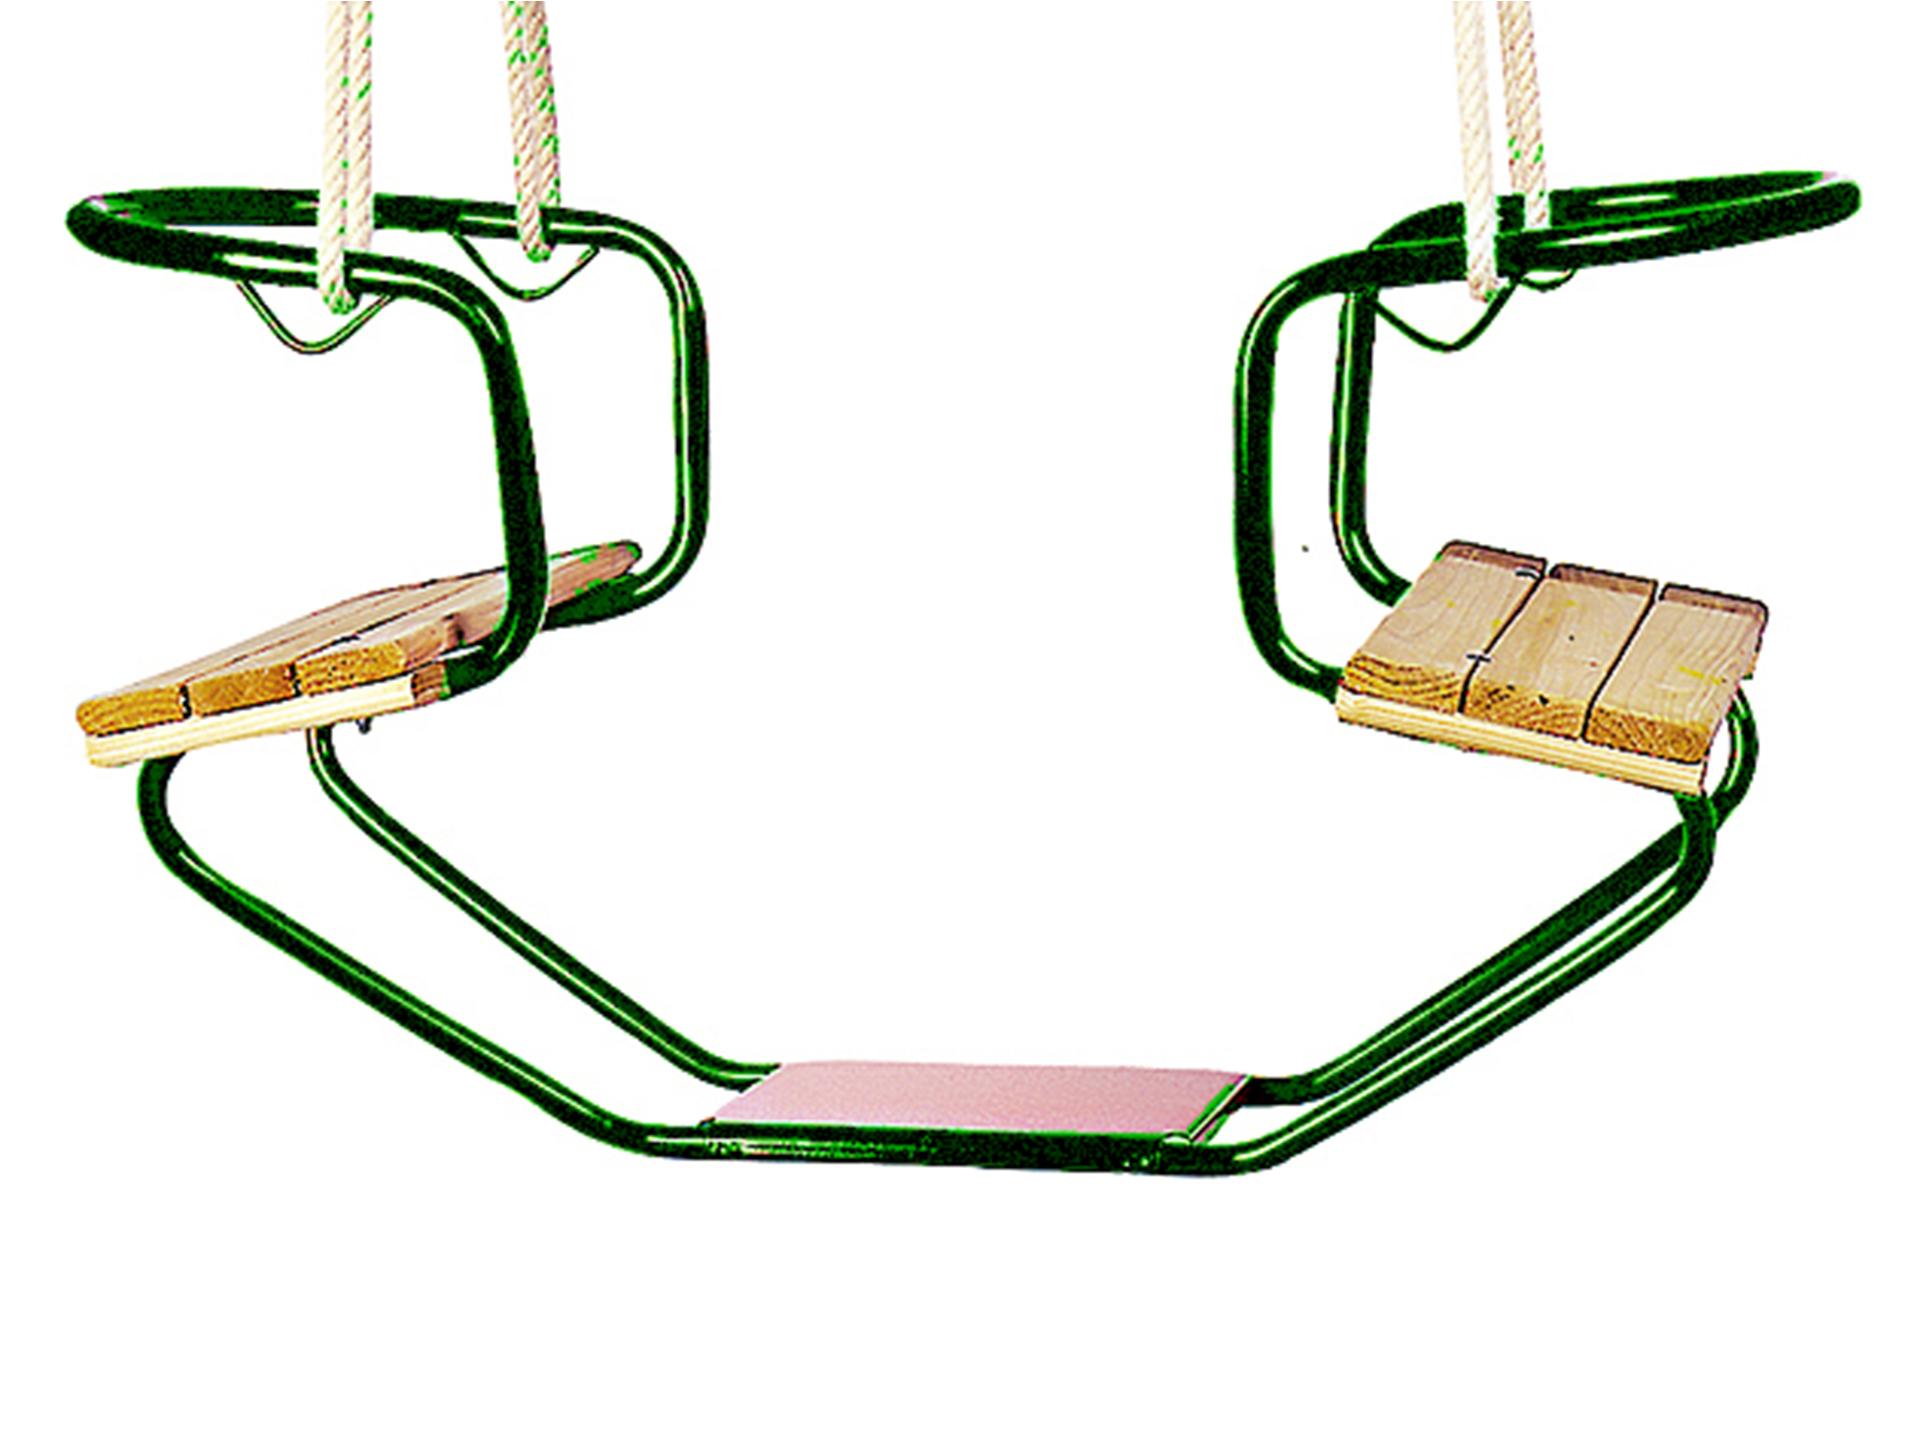 Super Gardenas schommel duozit hout en metaal groen | Hubo RX47